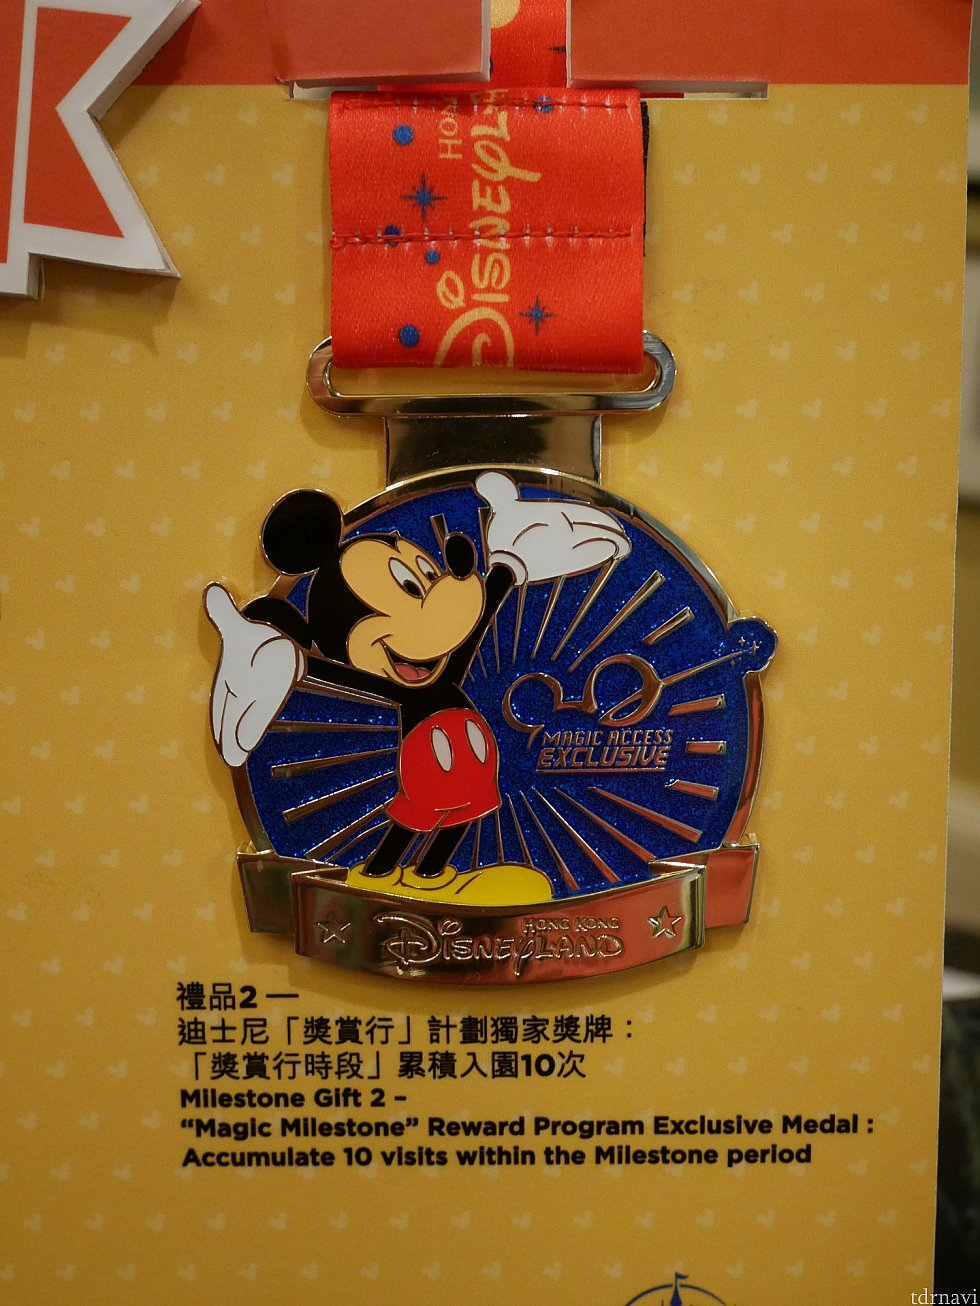 10回行くともらえるメダル。ピンバッチの4倍くらいのサイズ。さすがにあと6日は行かないかも・・・